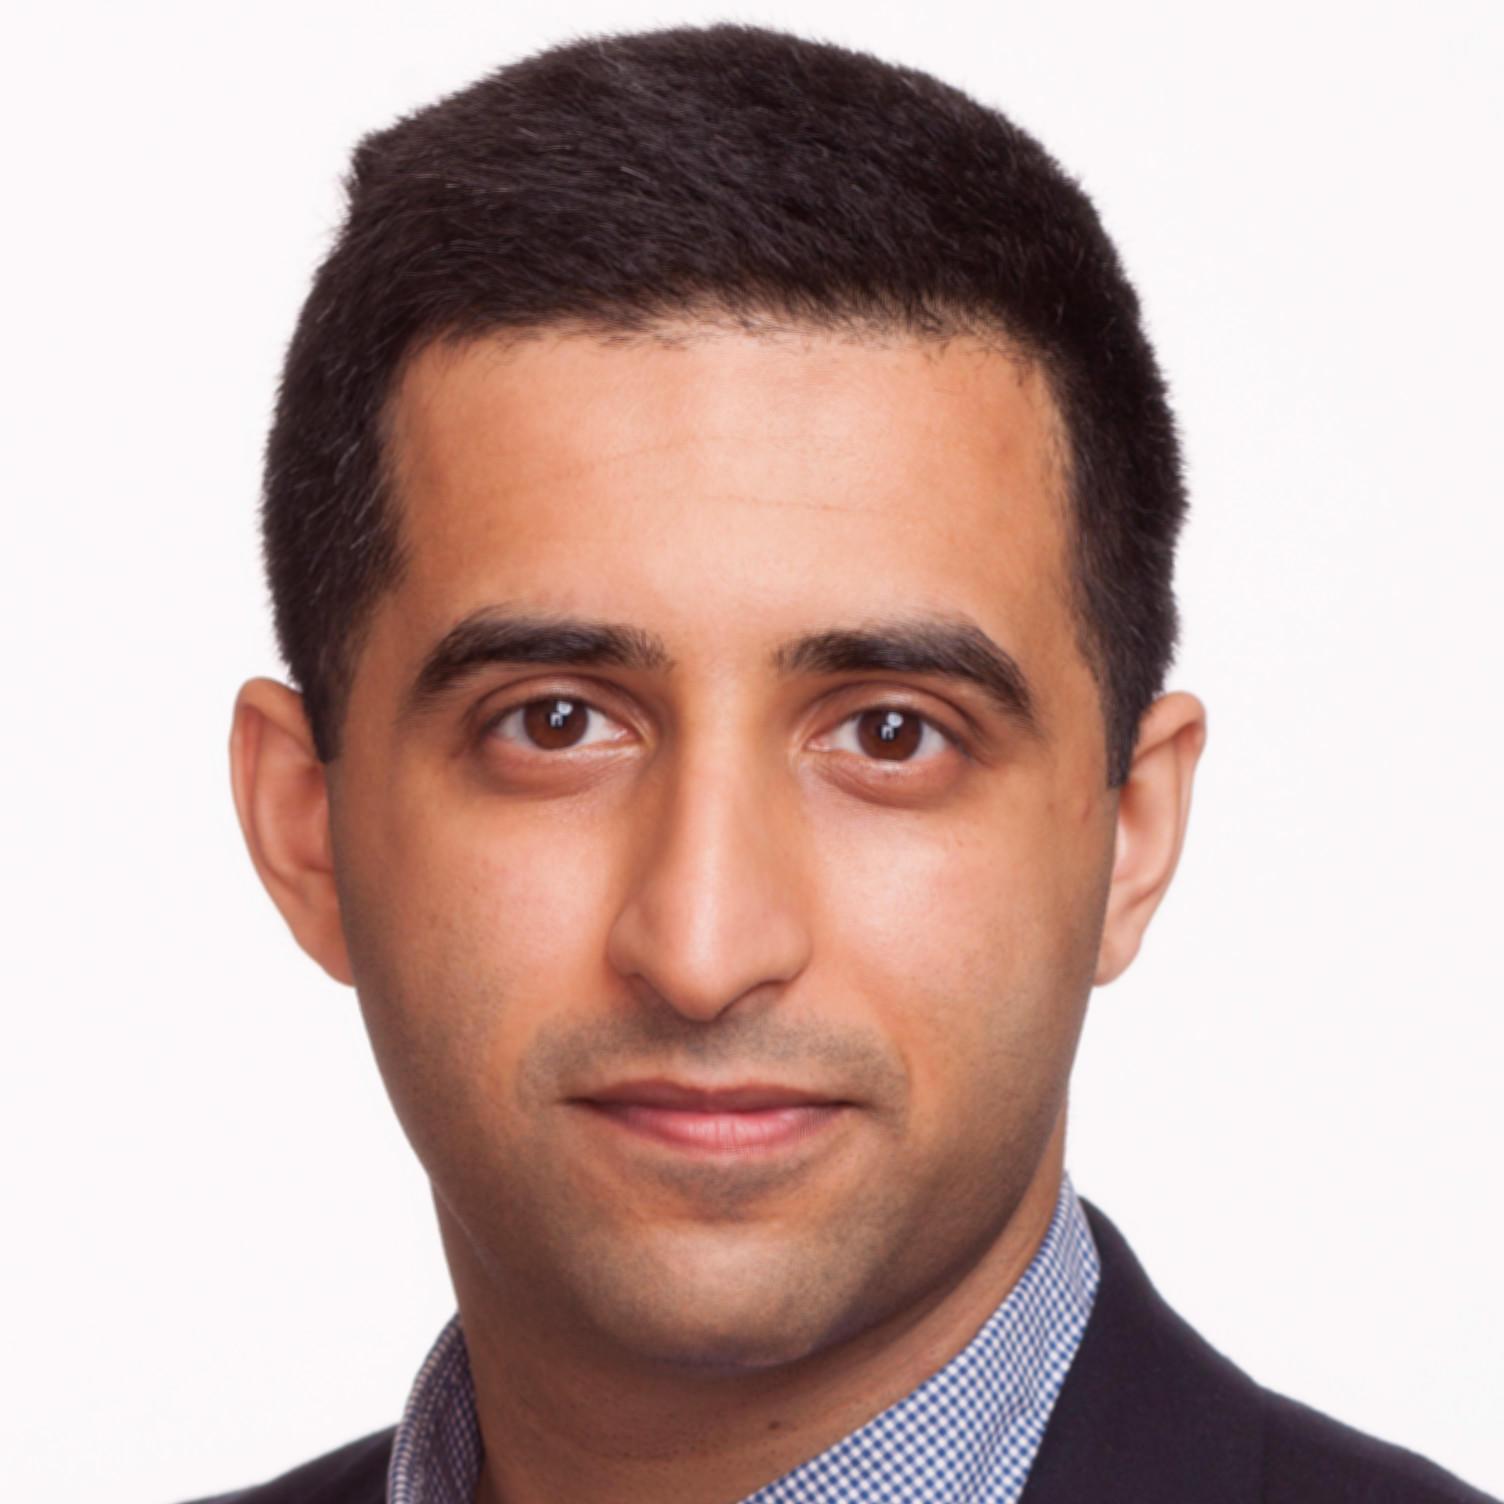 Mustafa Hameed